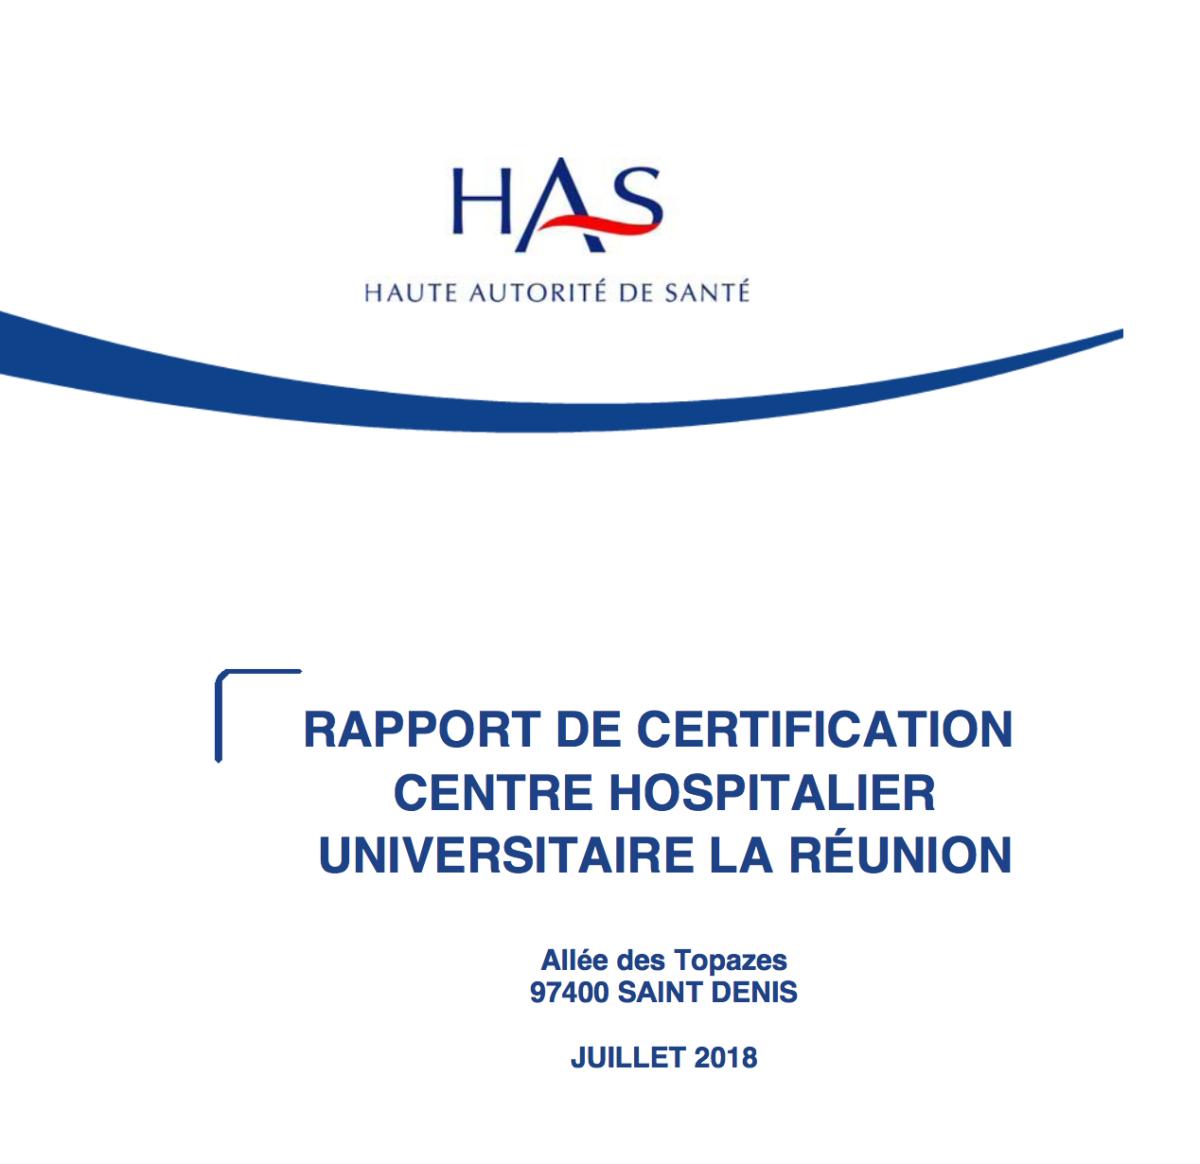 Rapport de certification CHU La Réunion